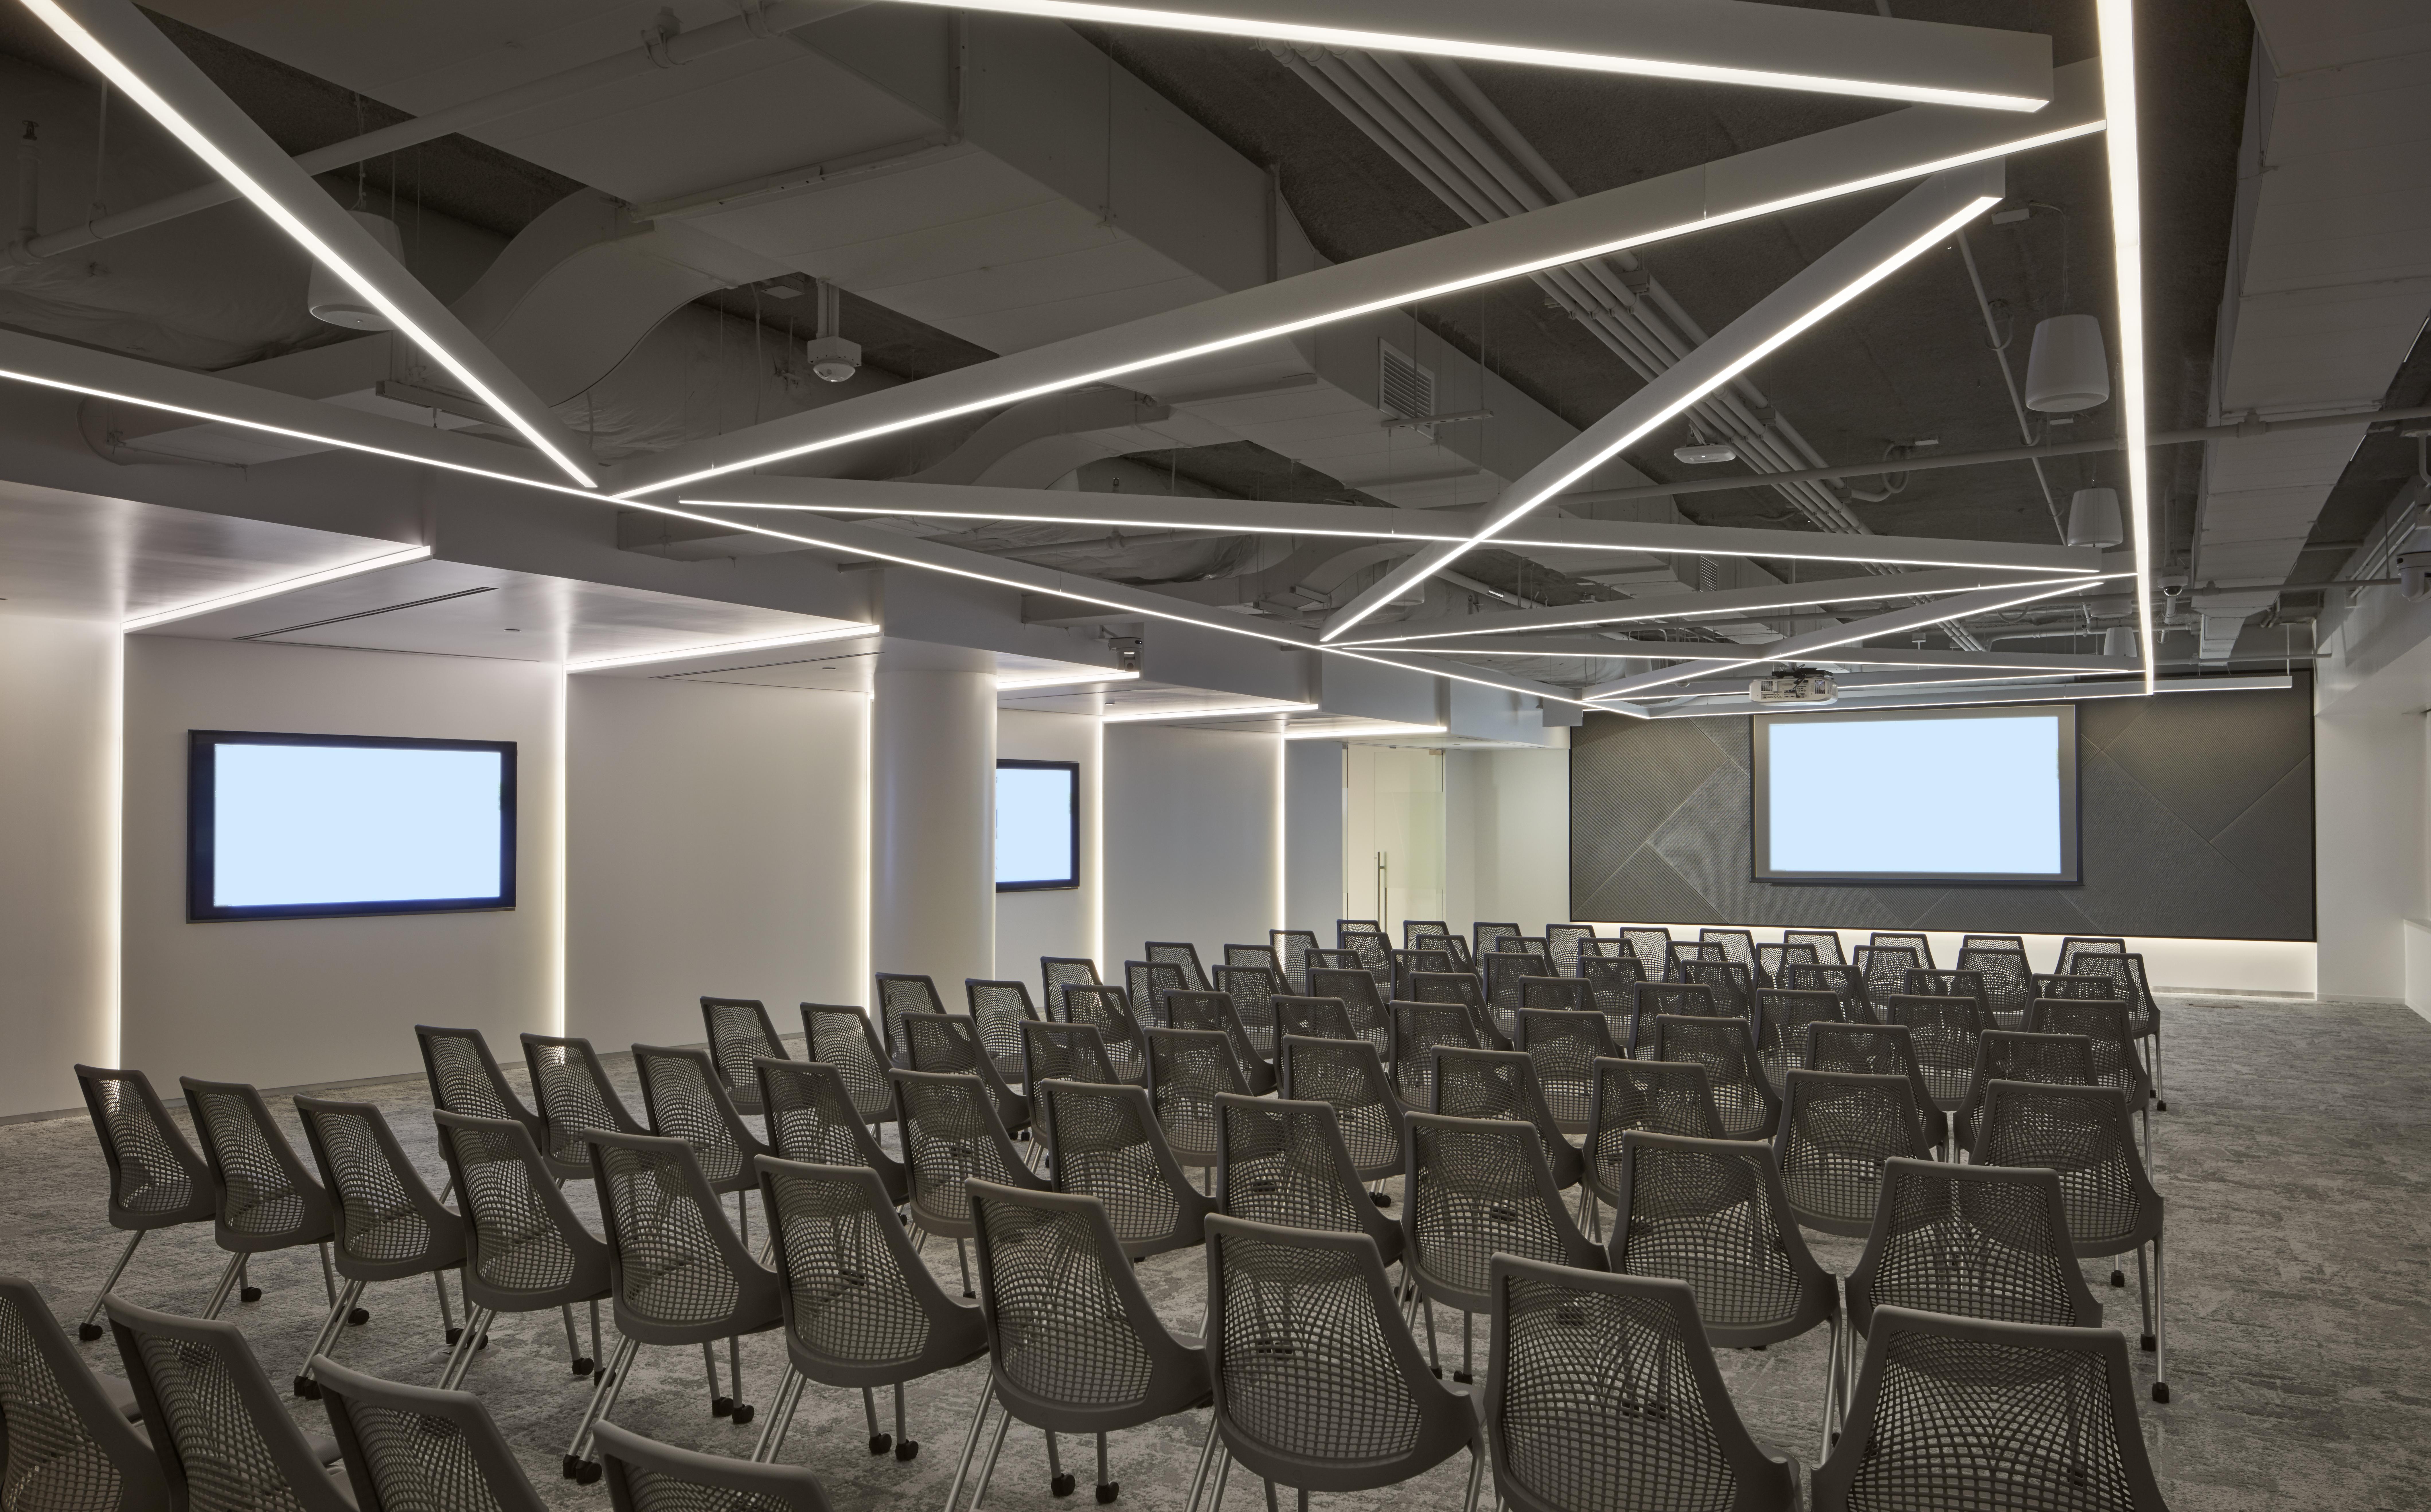 Conference / Multi-Purpose Room